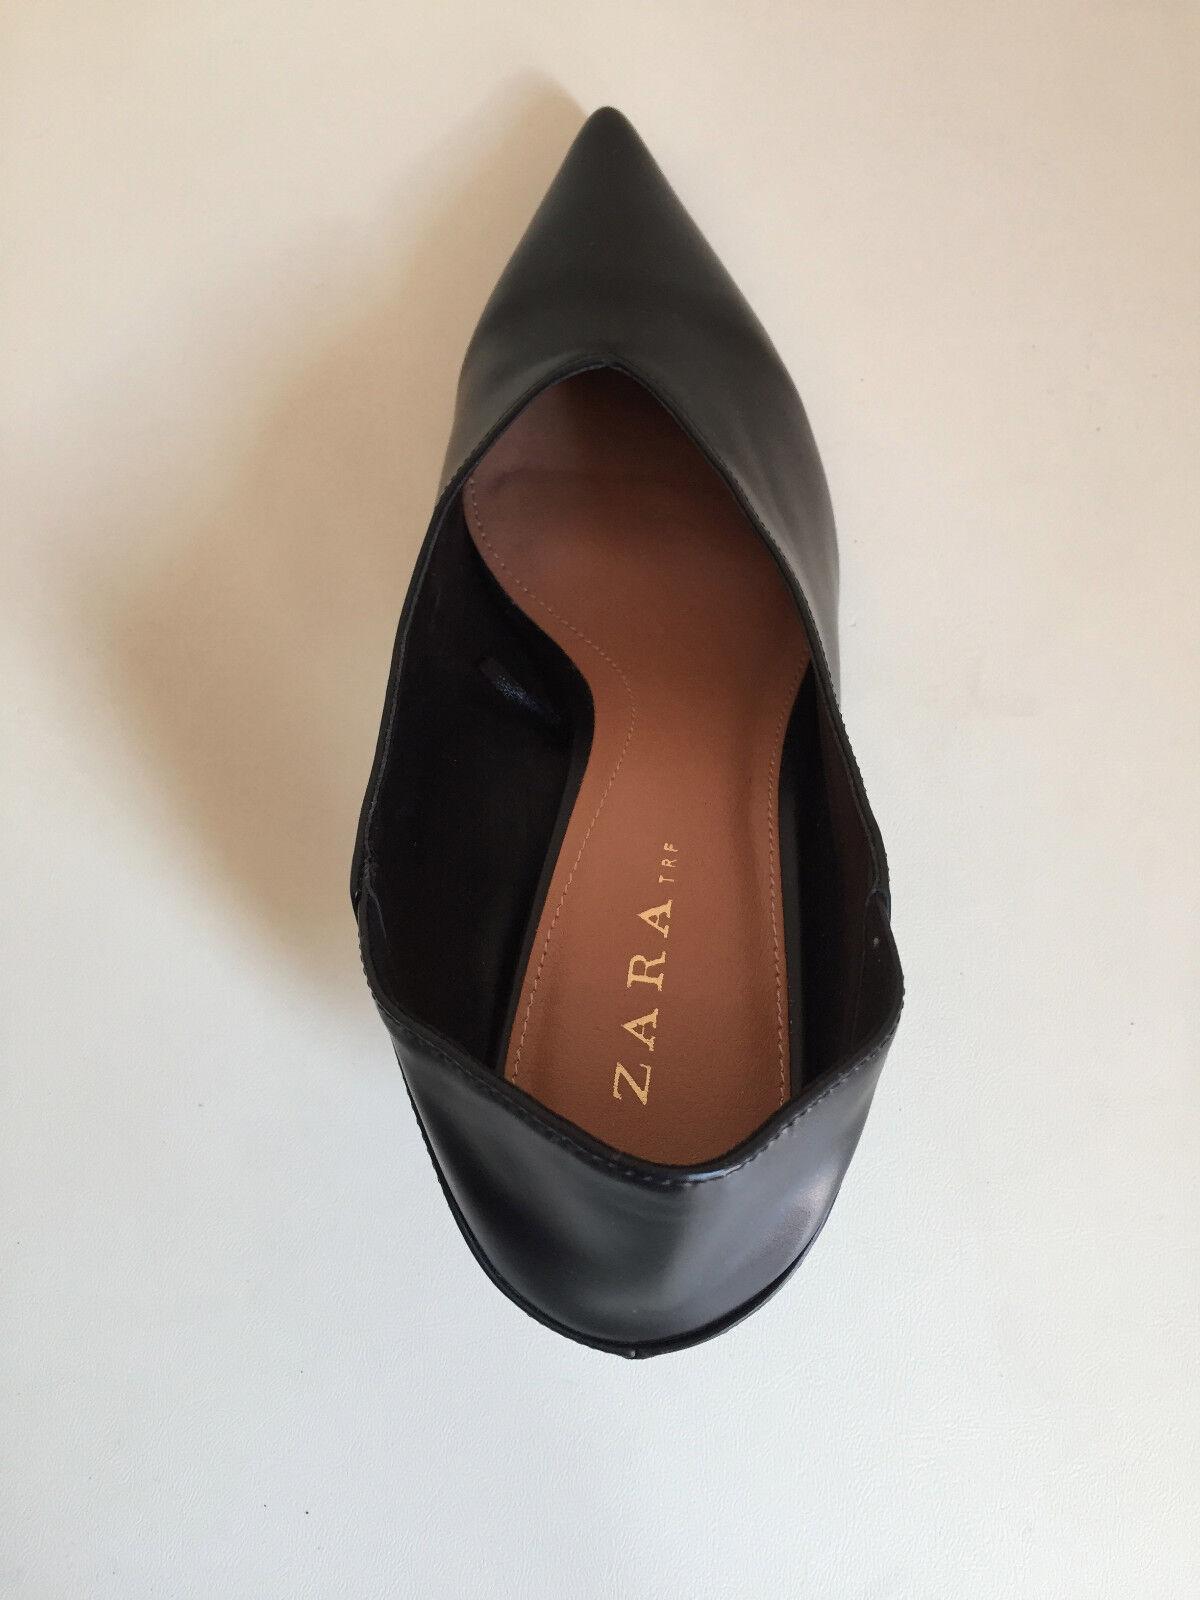 Topshop en Negro Cuero Tacón Patente en Topshop Punta Zapatos UK 5 ad0498